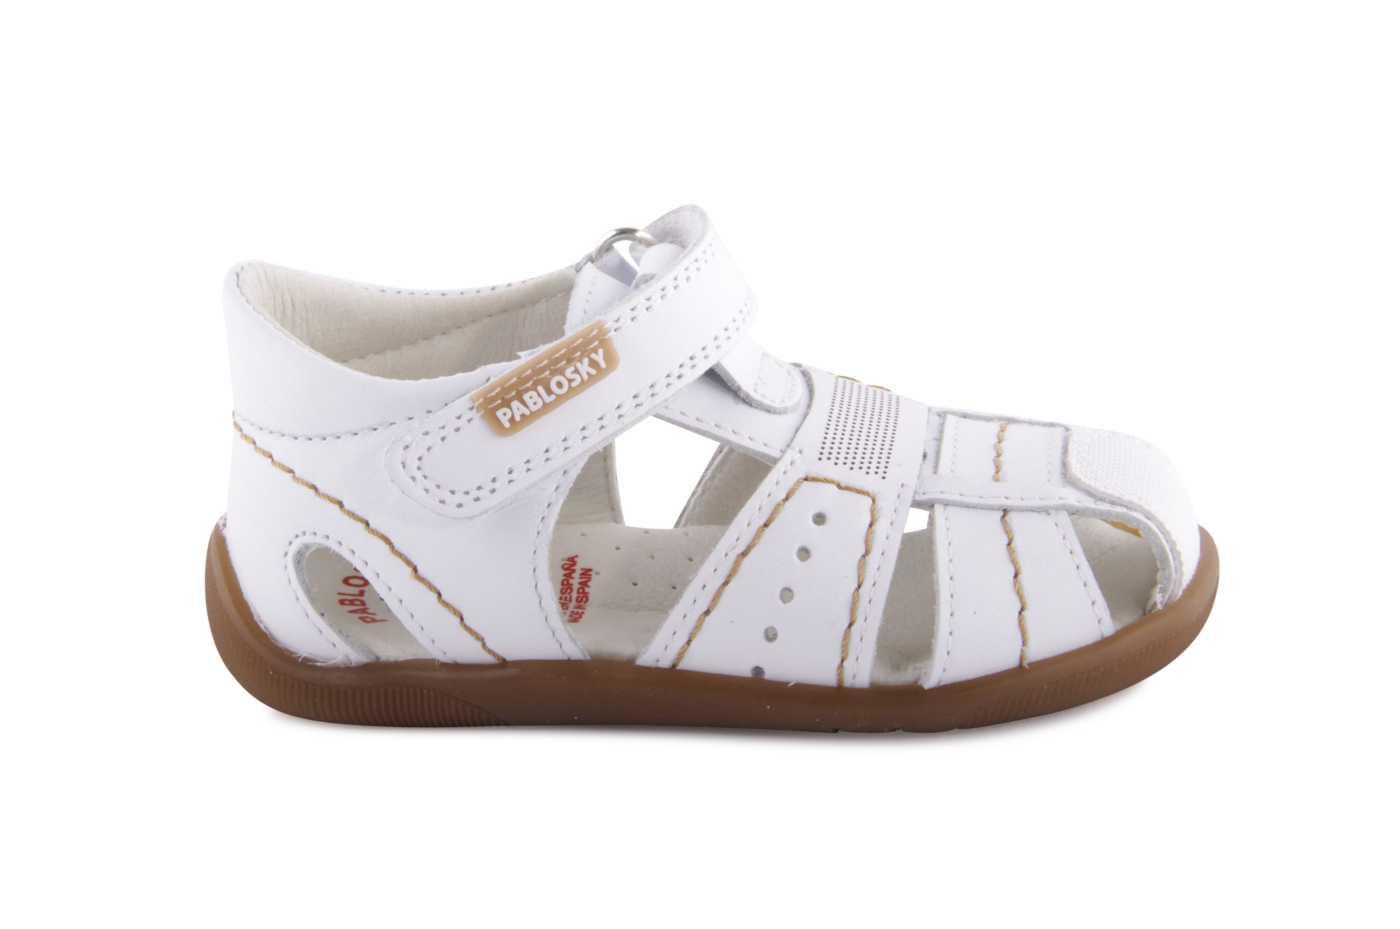 2bc792bfa2e Comprar zapato tipo PREANDANTE NIÑO estilo SANDALIA COLOR BLANCO ...